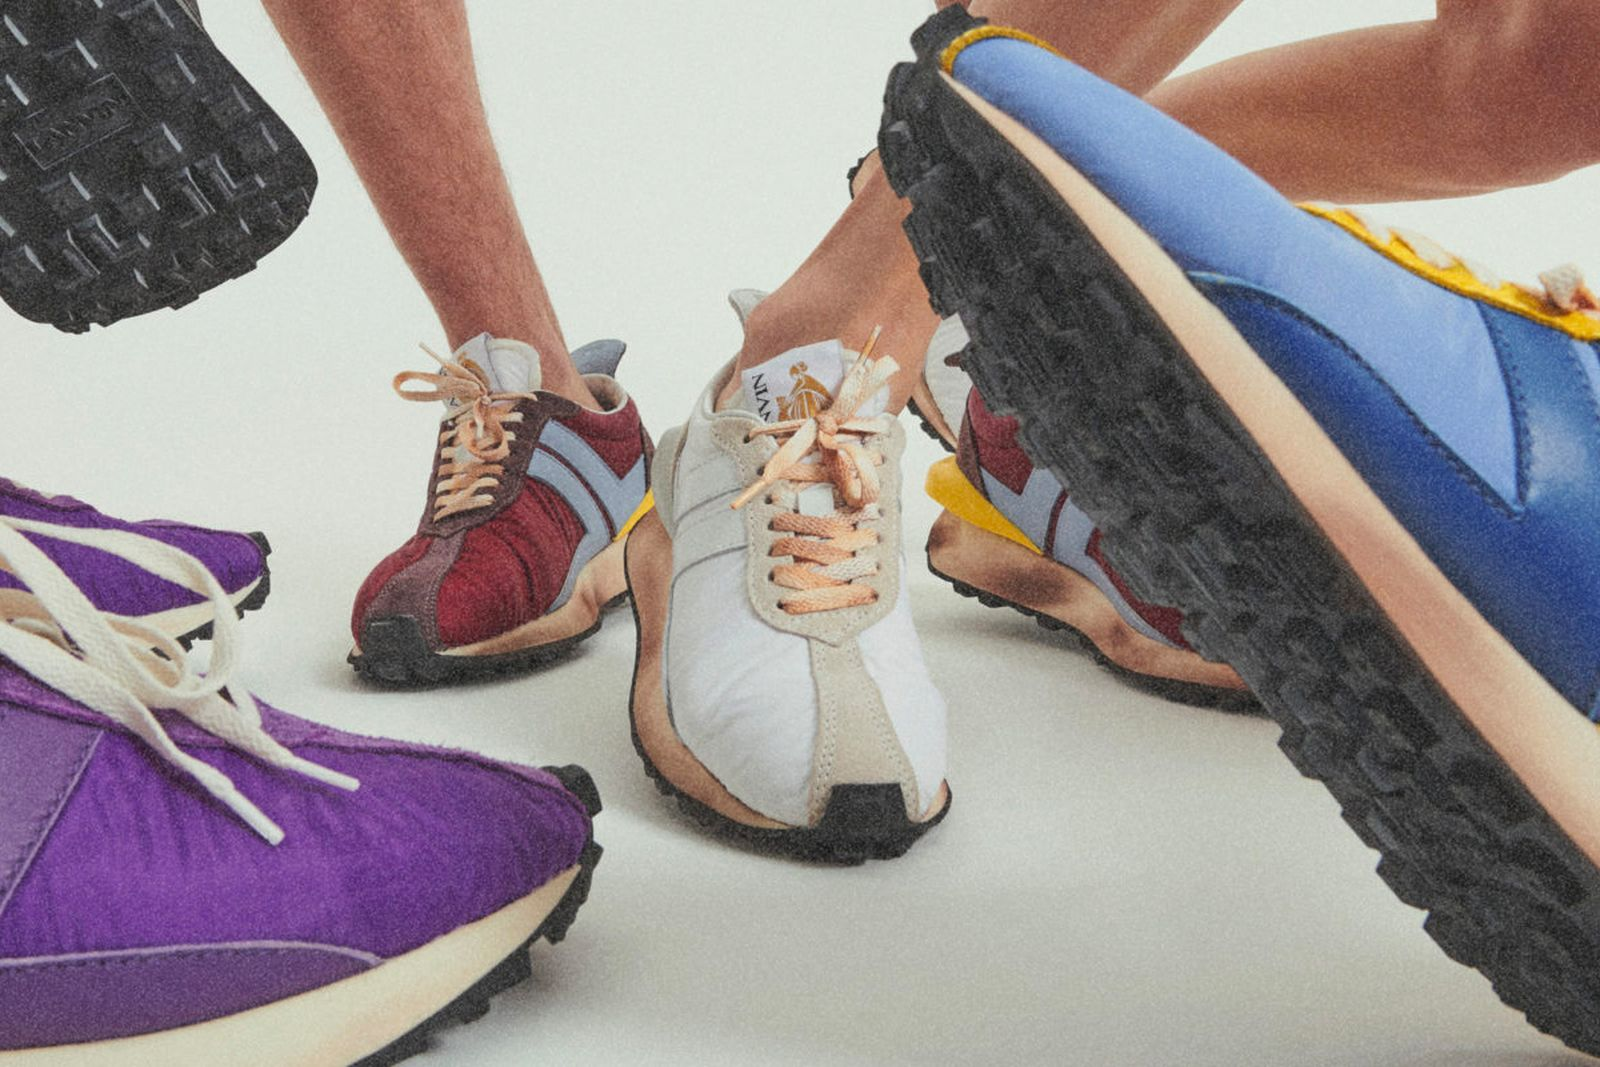 womens-sneakers-main